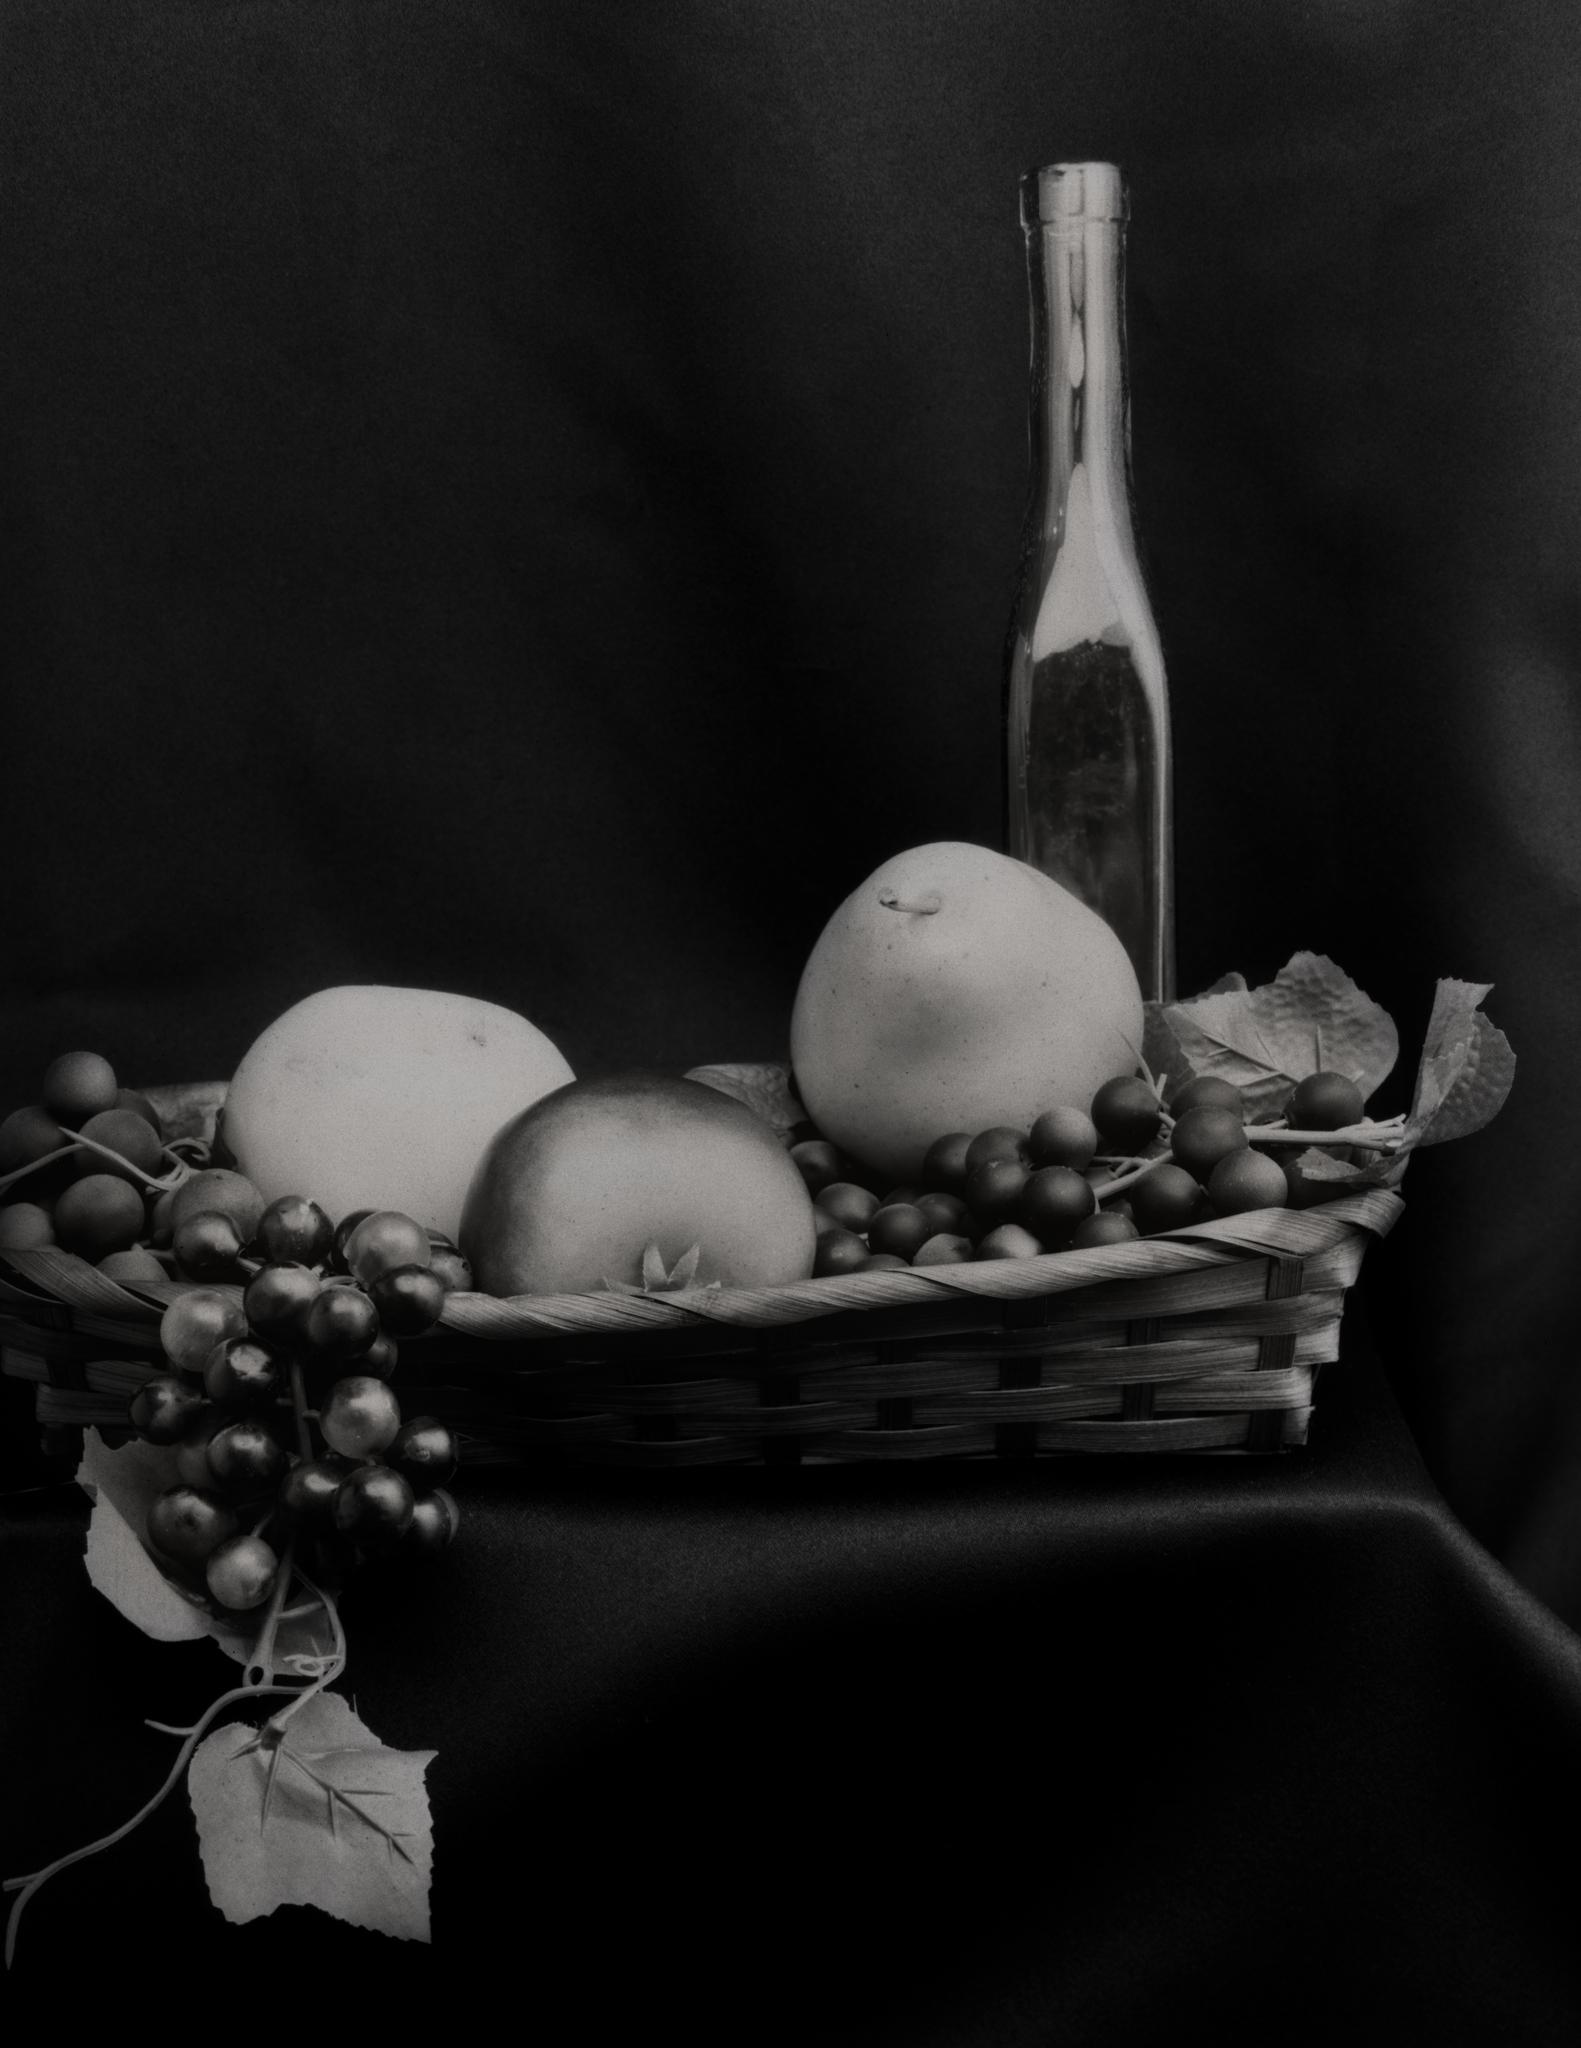 Fruit_Basket_2014-01-20_2400dpi_001_full.jpg